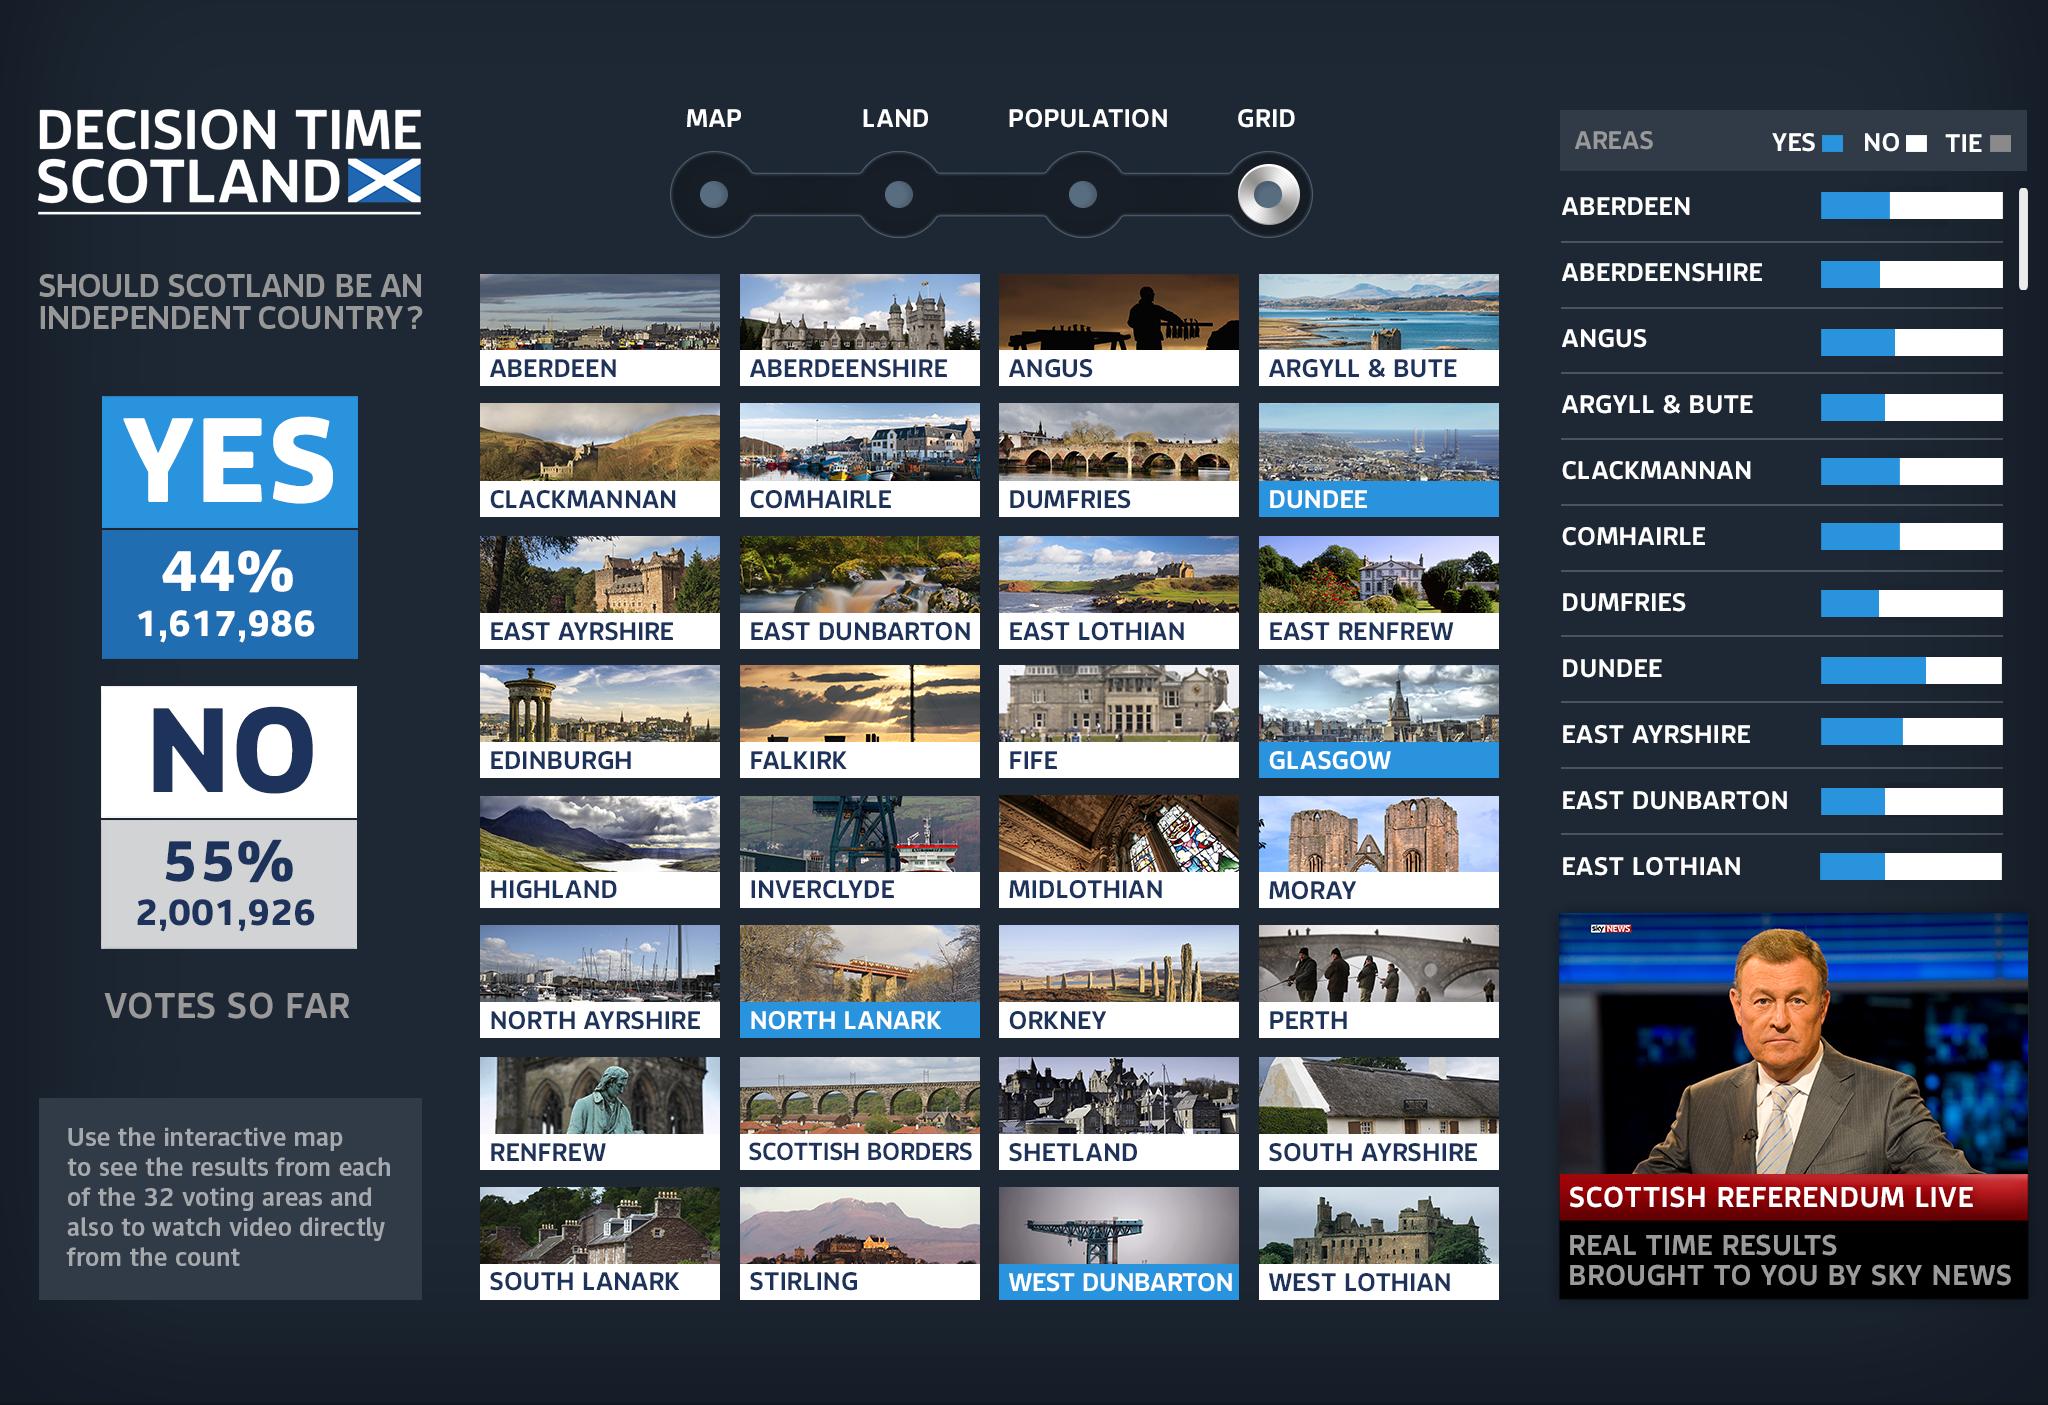 SkyNews-DecisionTimeScotland-5.png